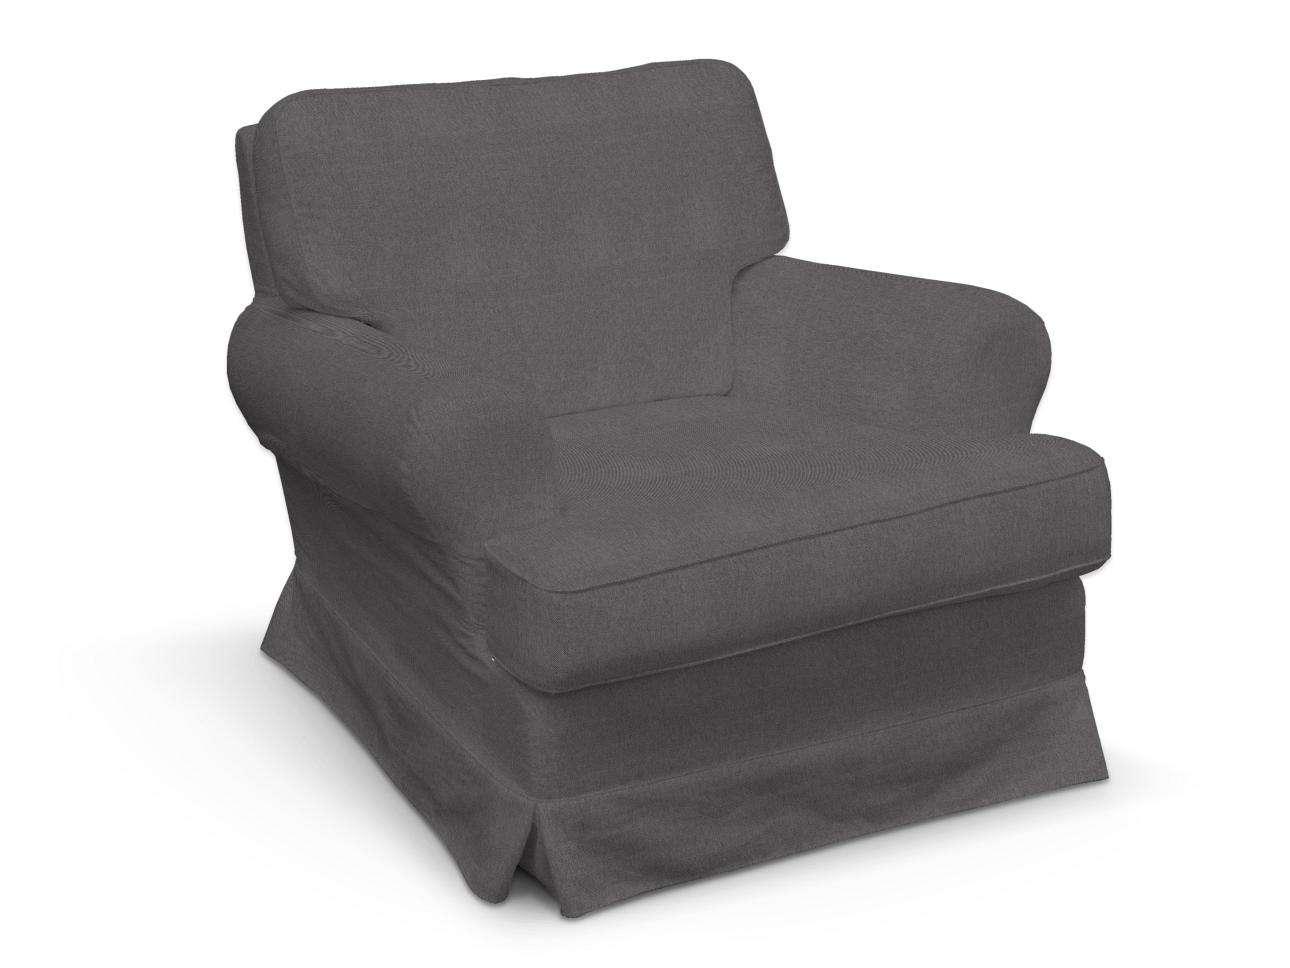 Pokrowiec na fotel Barkaby w kolekcji Etna, tkanina: 705-35